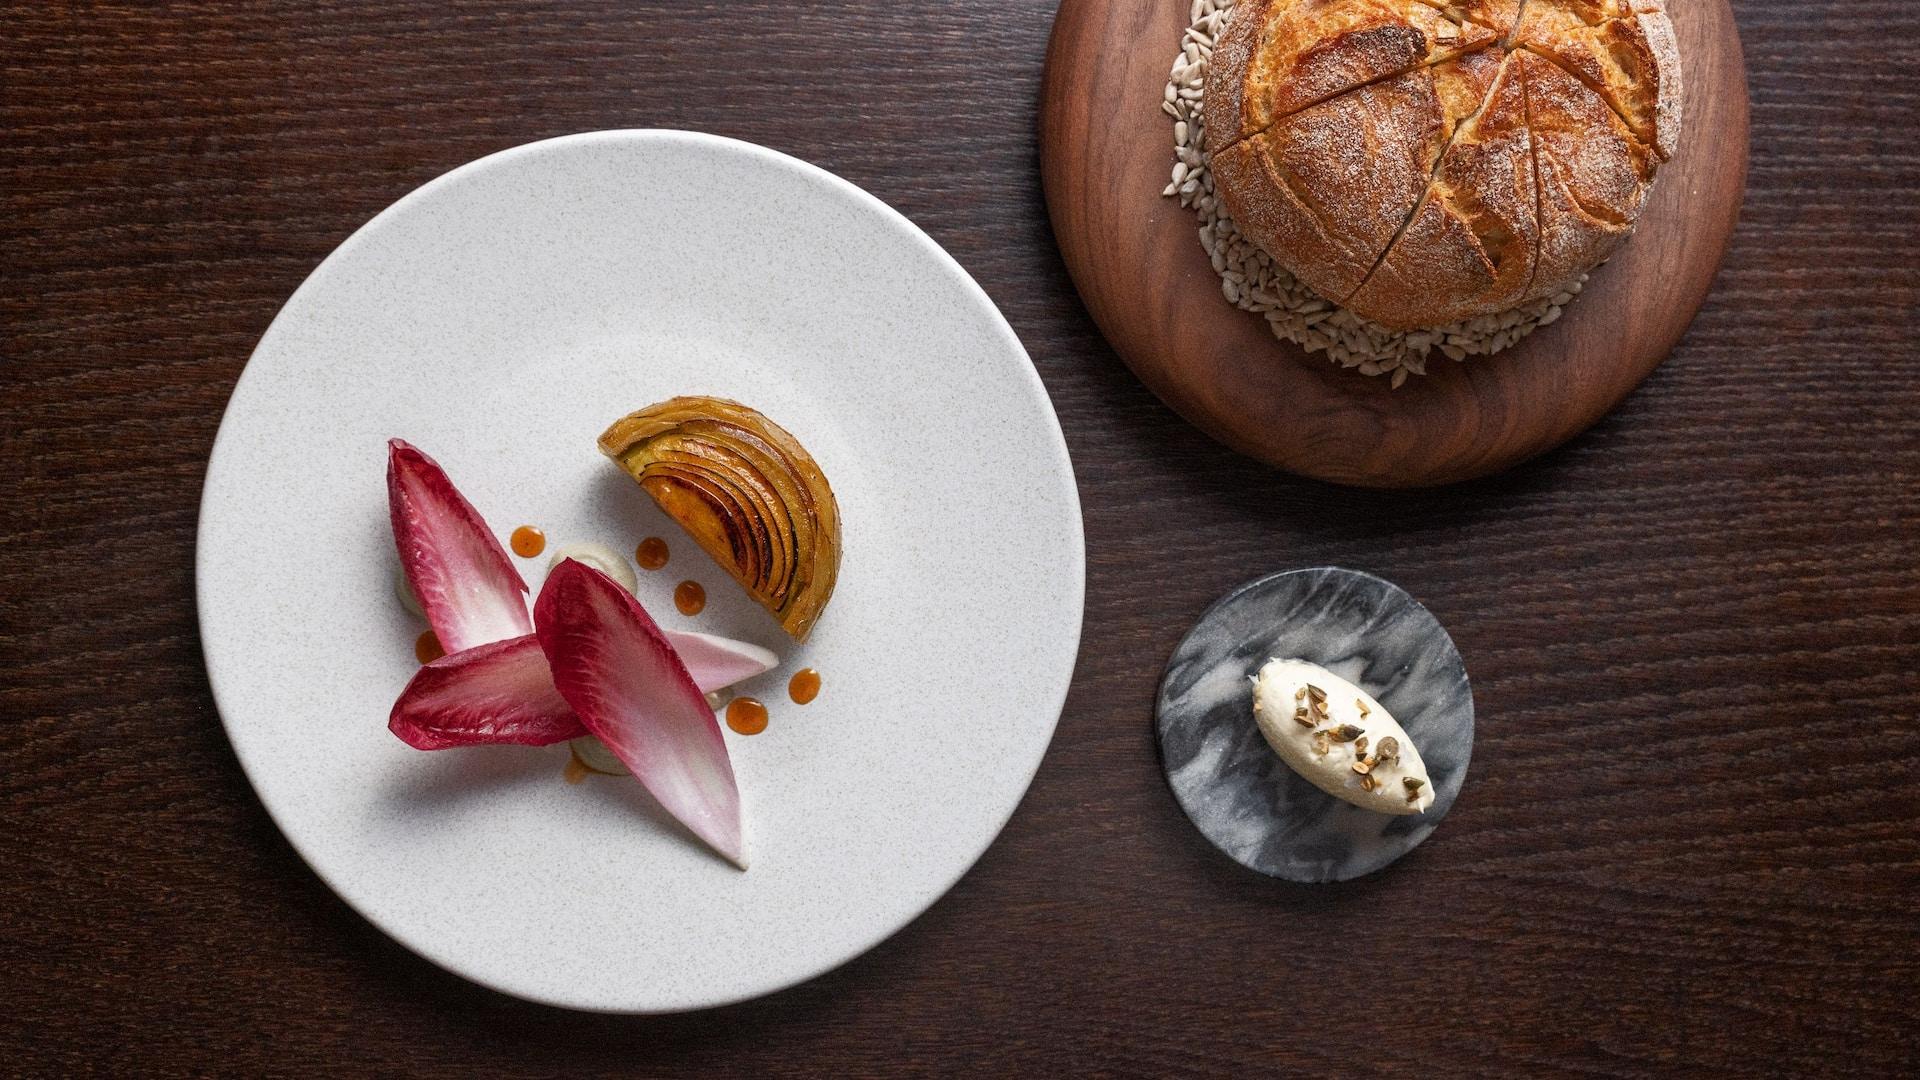 Globe Artichoke and Bread at The Montagu Kitchen